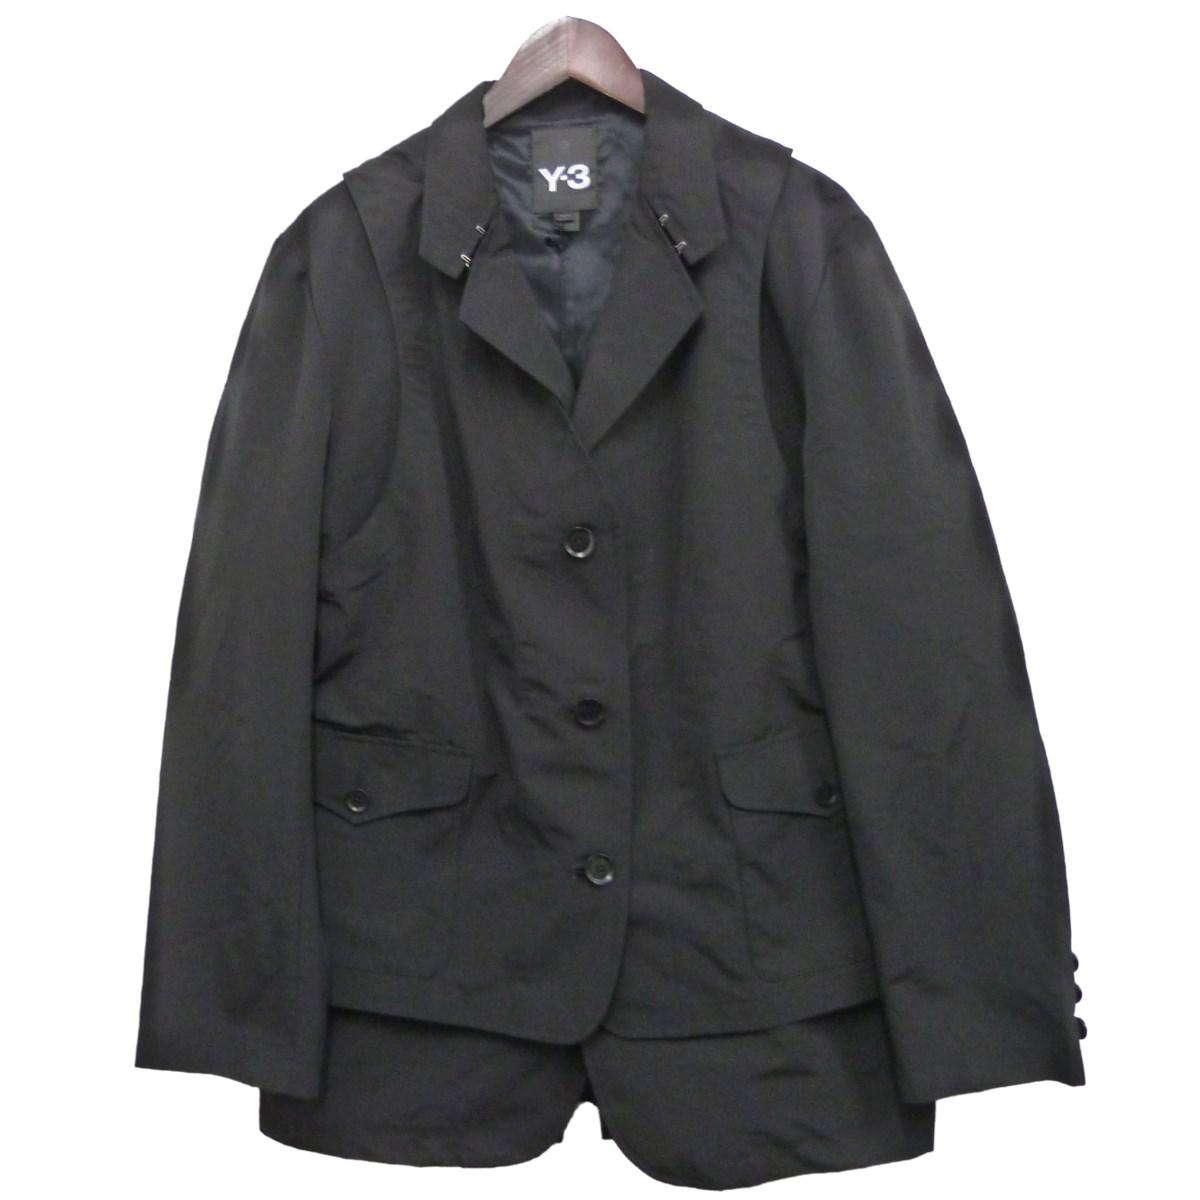 【中古】Y-3 「M 2WAY JACKET」2WAYジャケット ブラック サイズ:M 【080420】(ワイスリー)